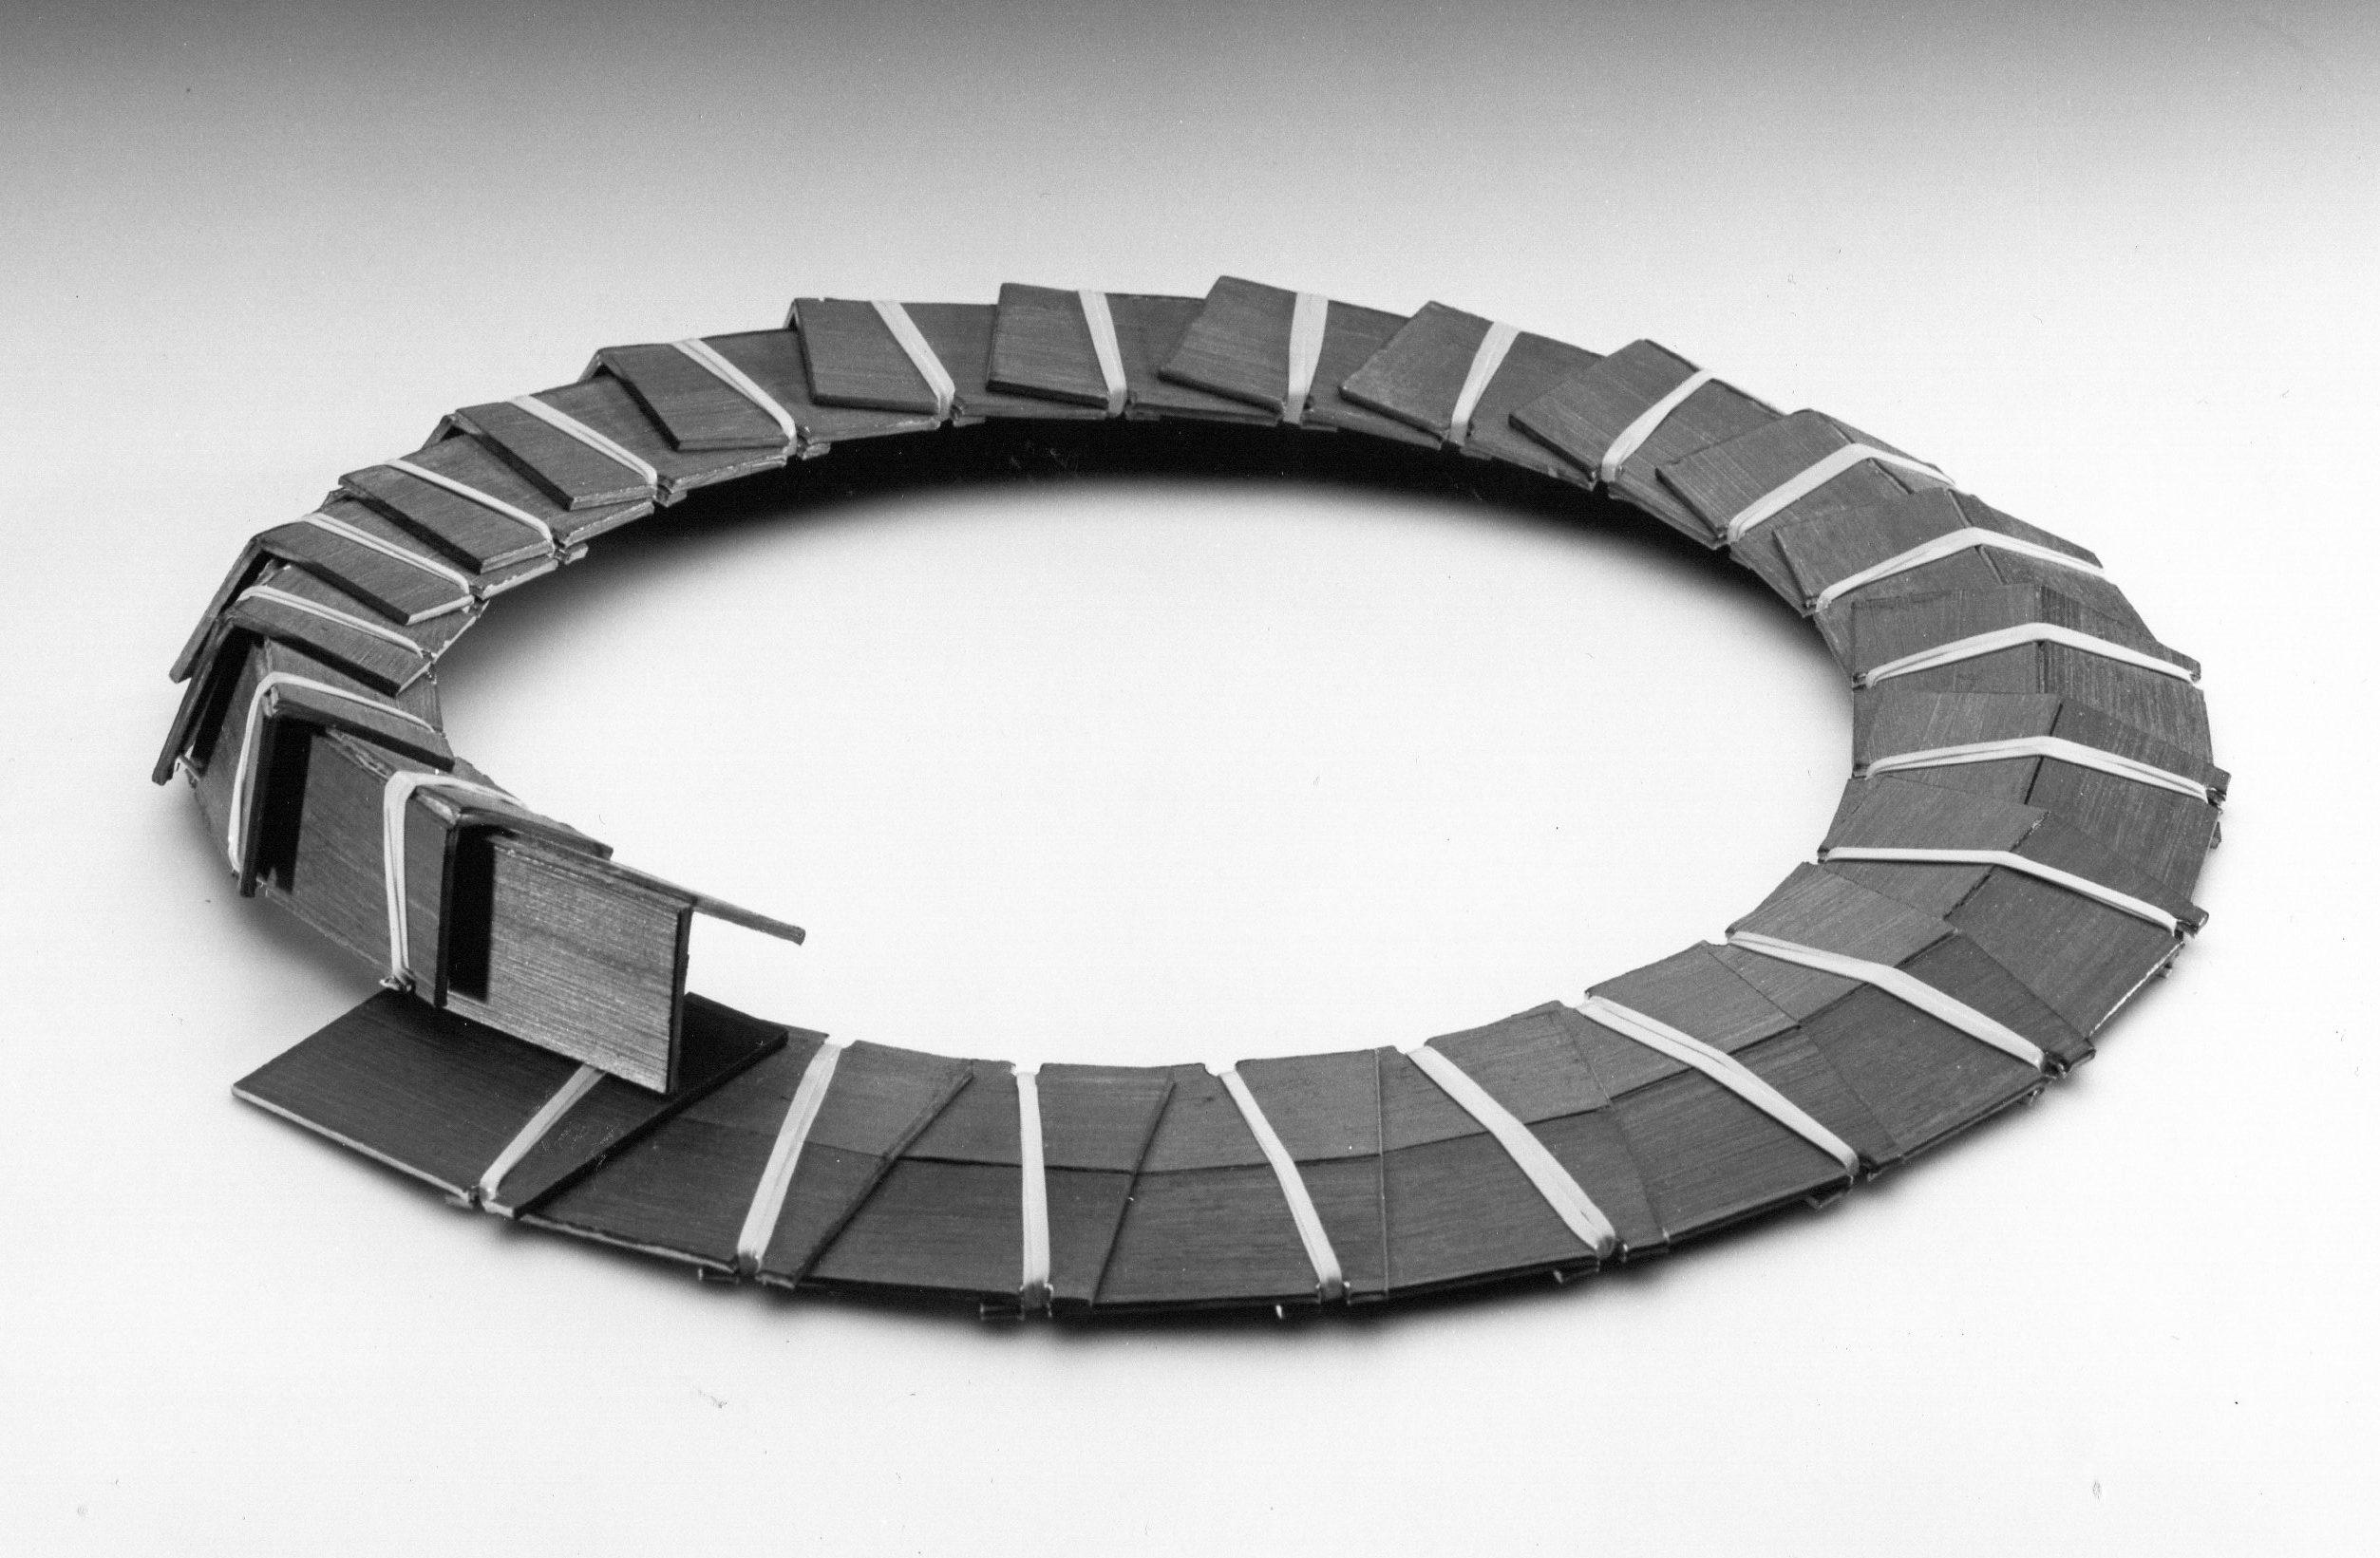 Lous Martin, Unieke herhaling, halssieraad, 1987, geanodiseerd aluminium, roestvrij staal